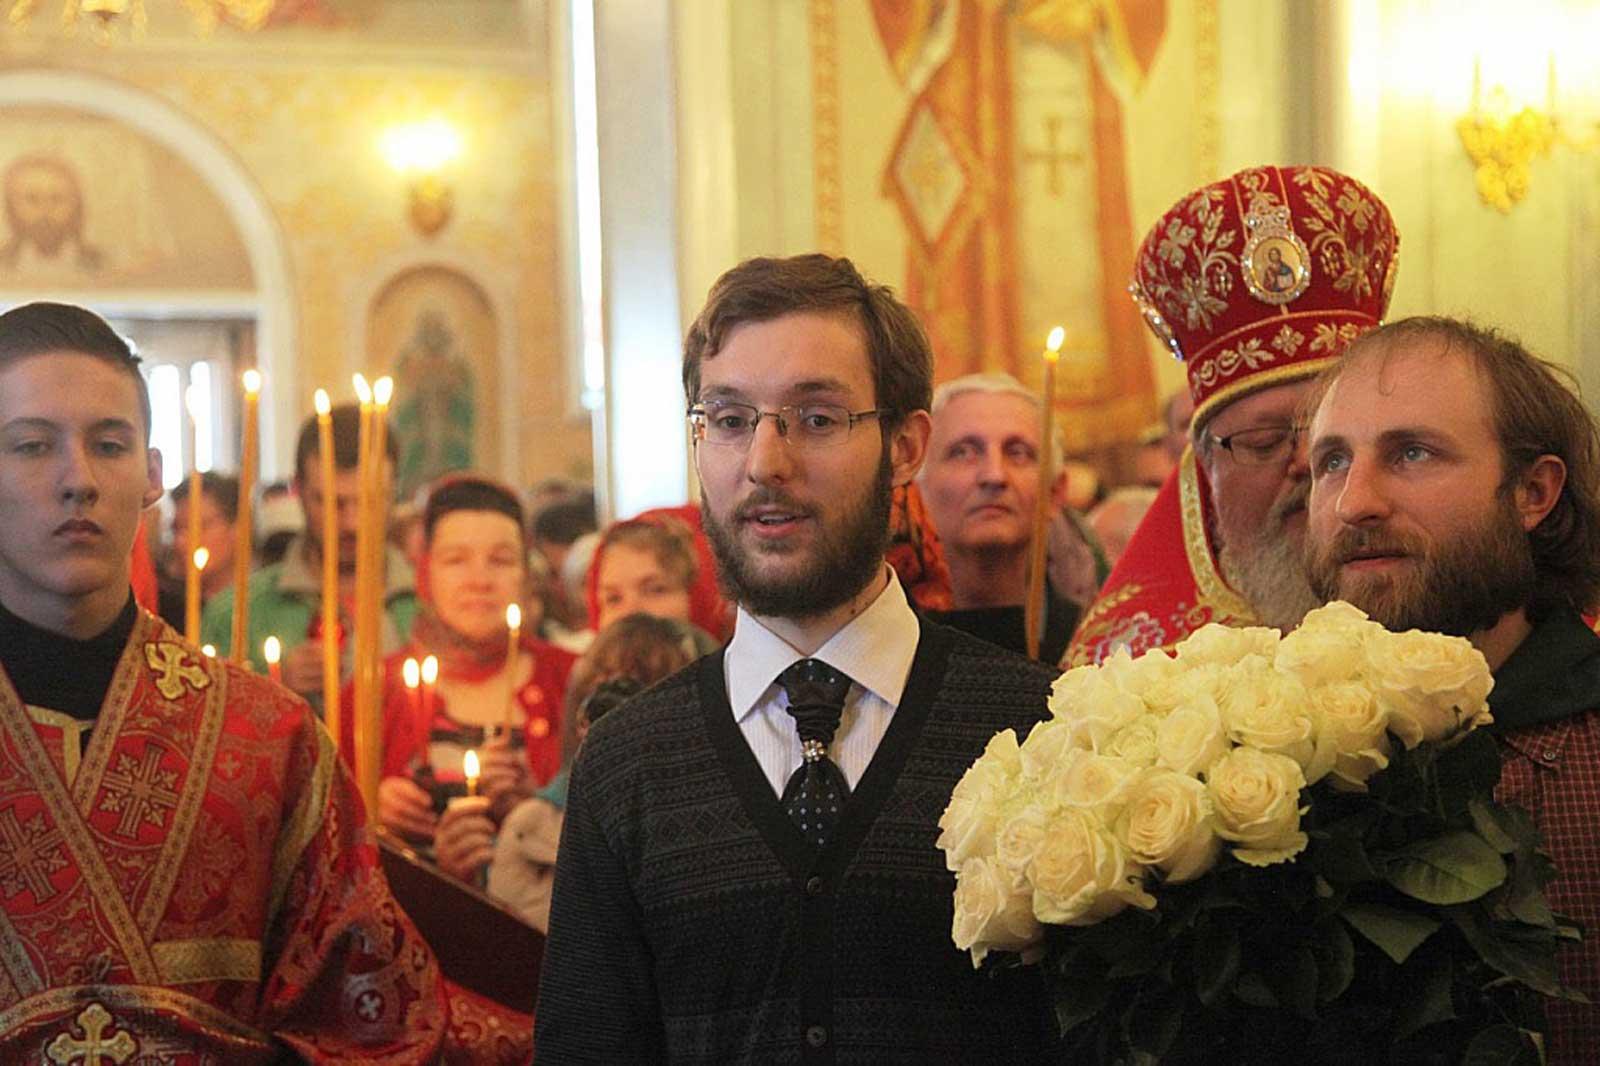 этой статье поздравление с пасхой епископа выставку фотографии